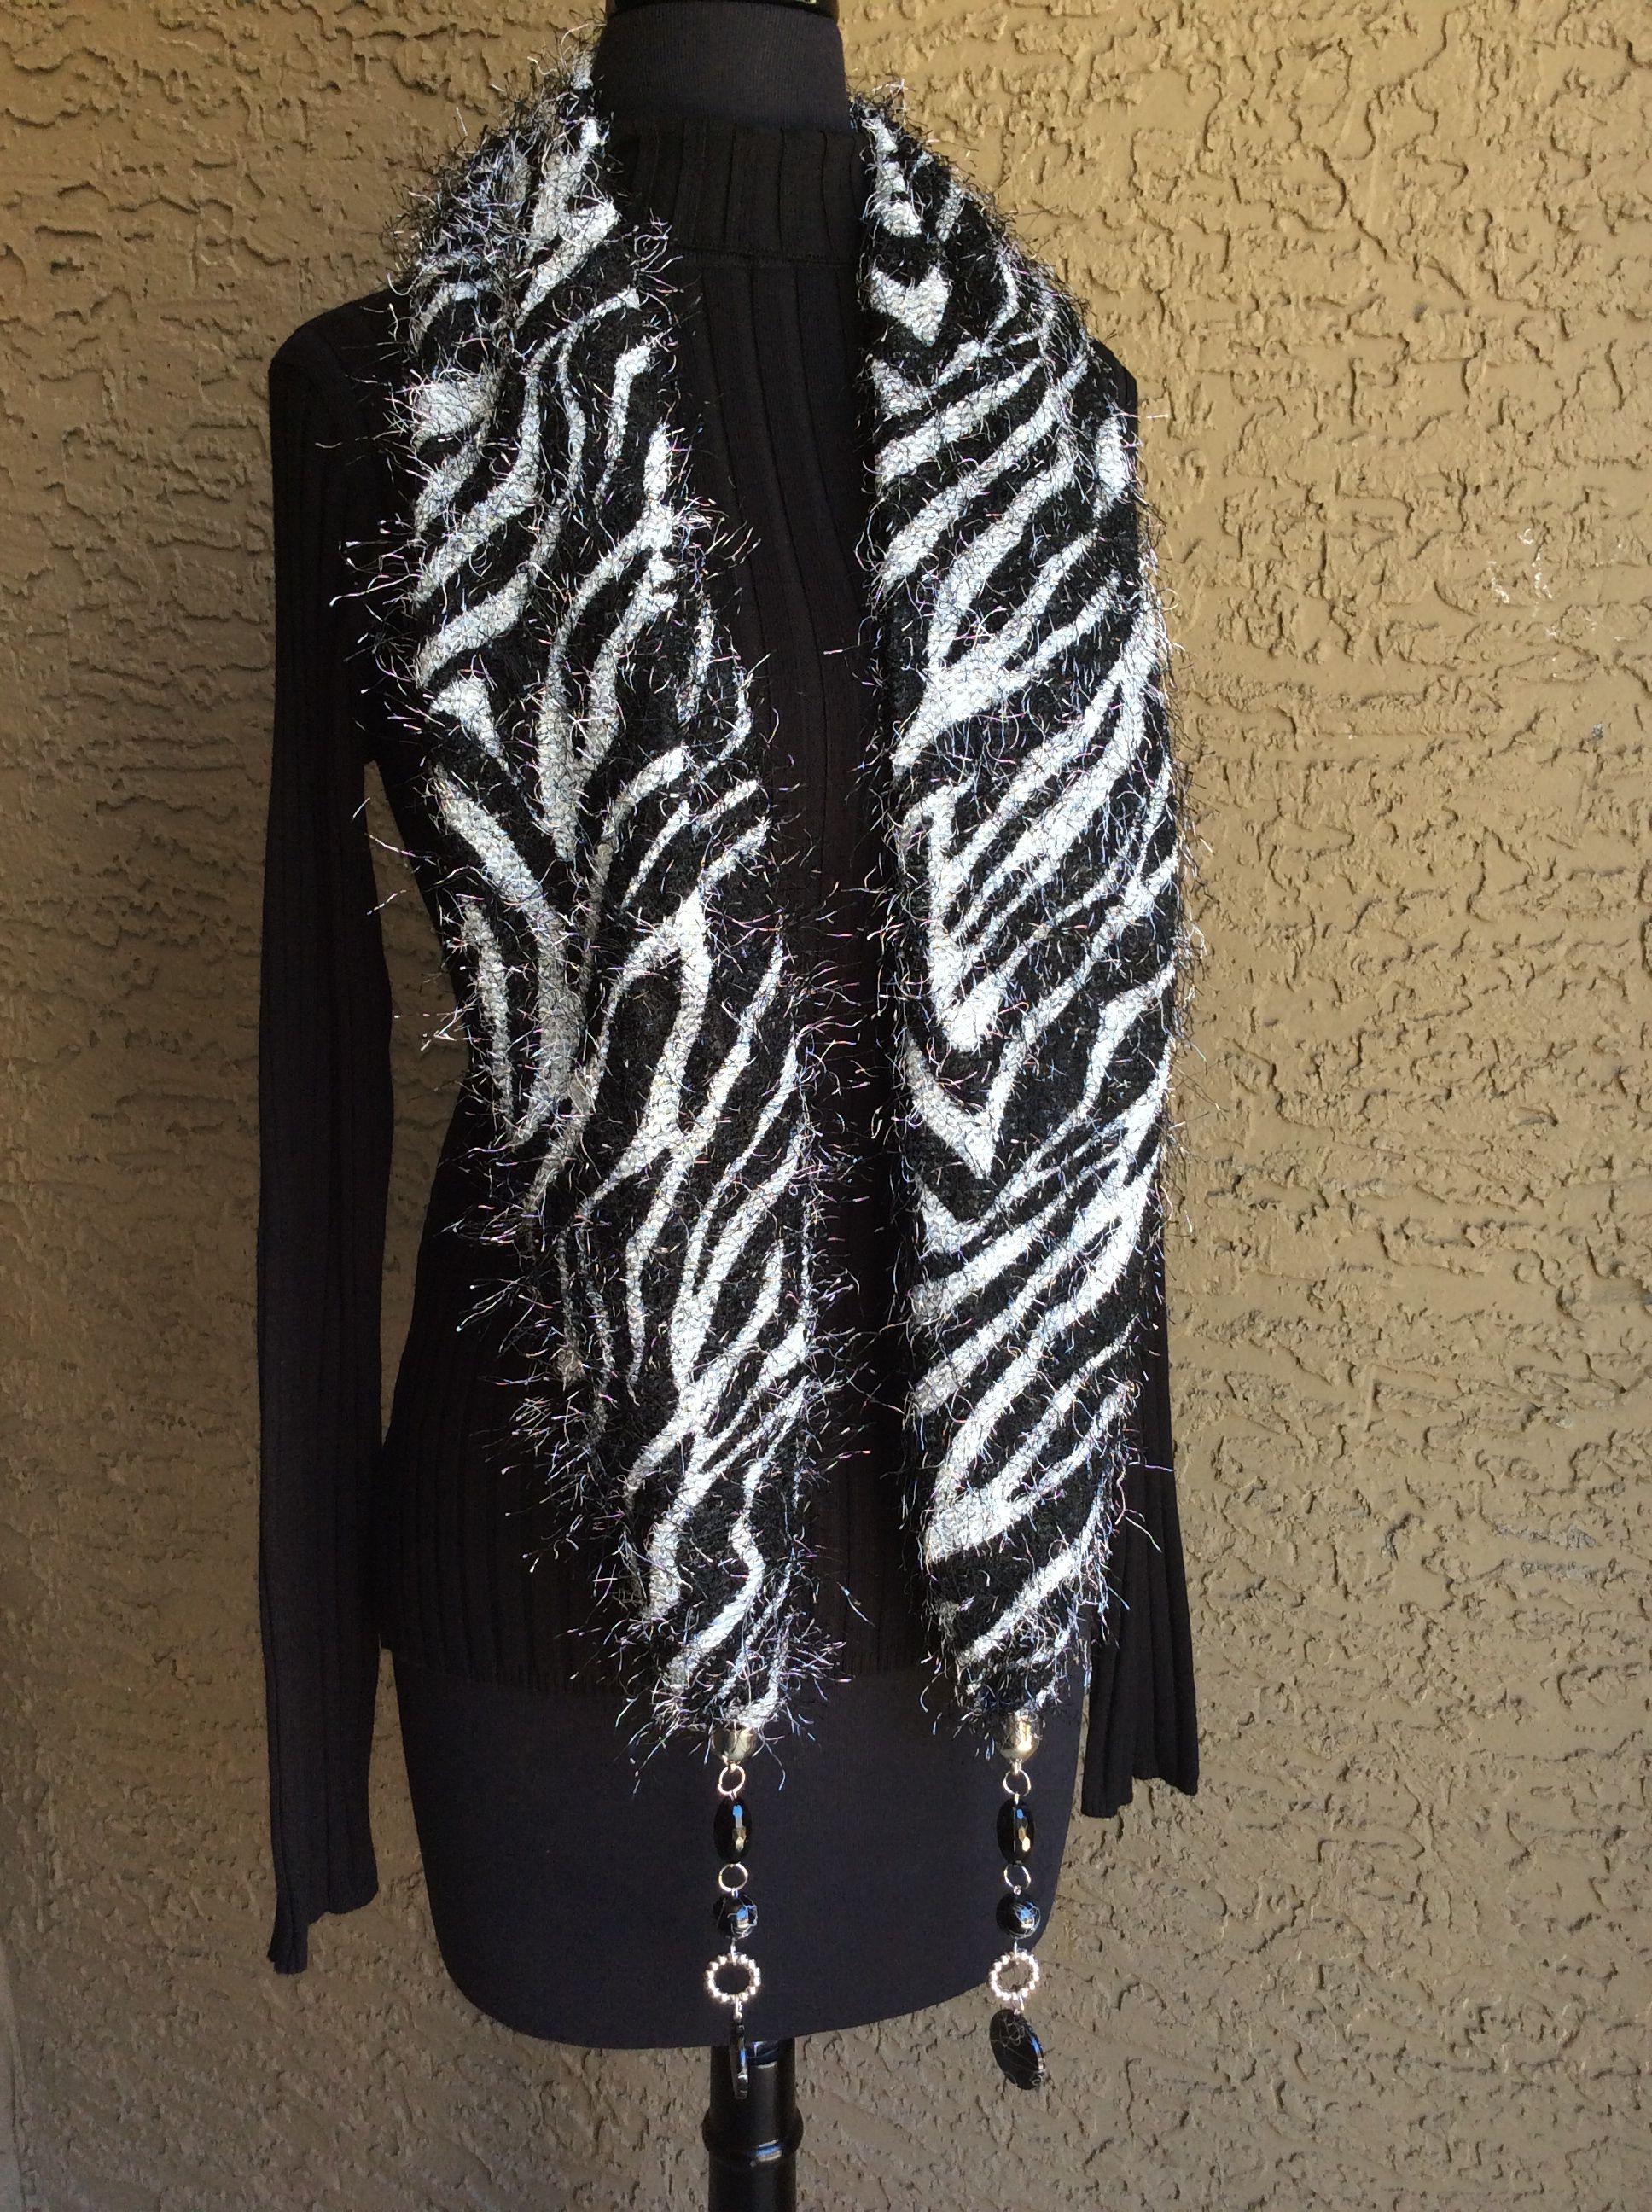 Zebra print winter scarf www.theleopardladyboutique.com